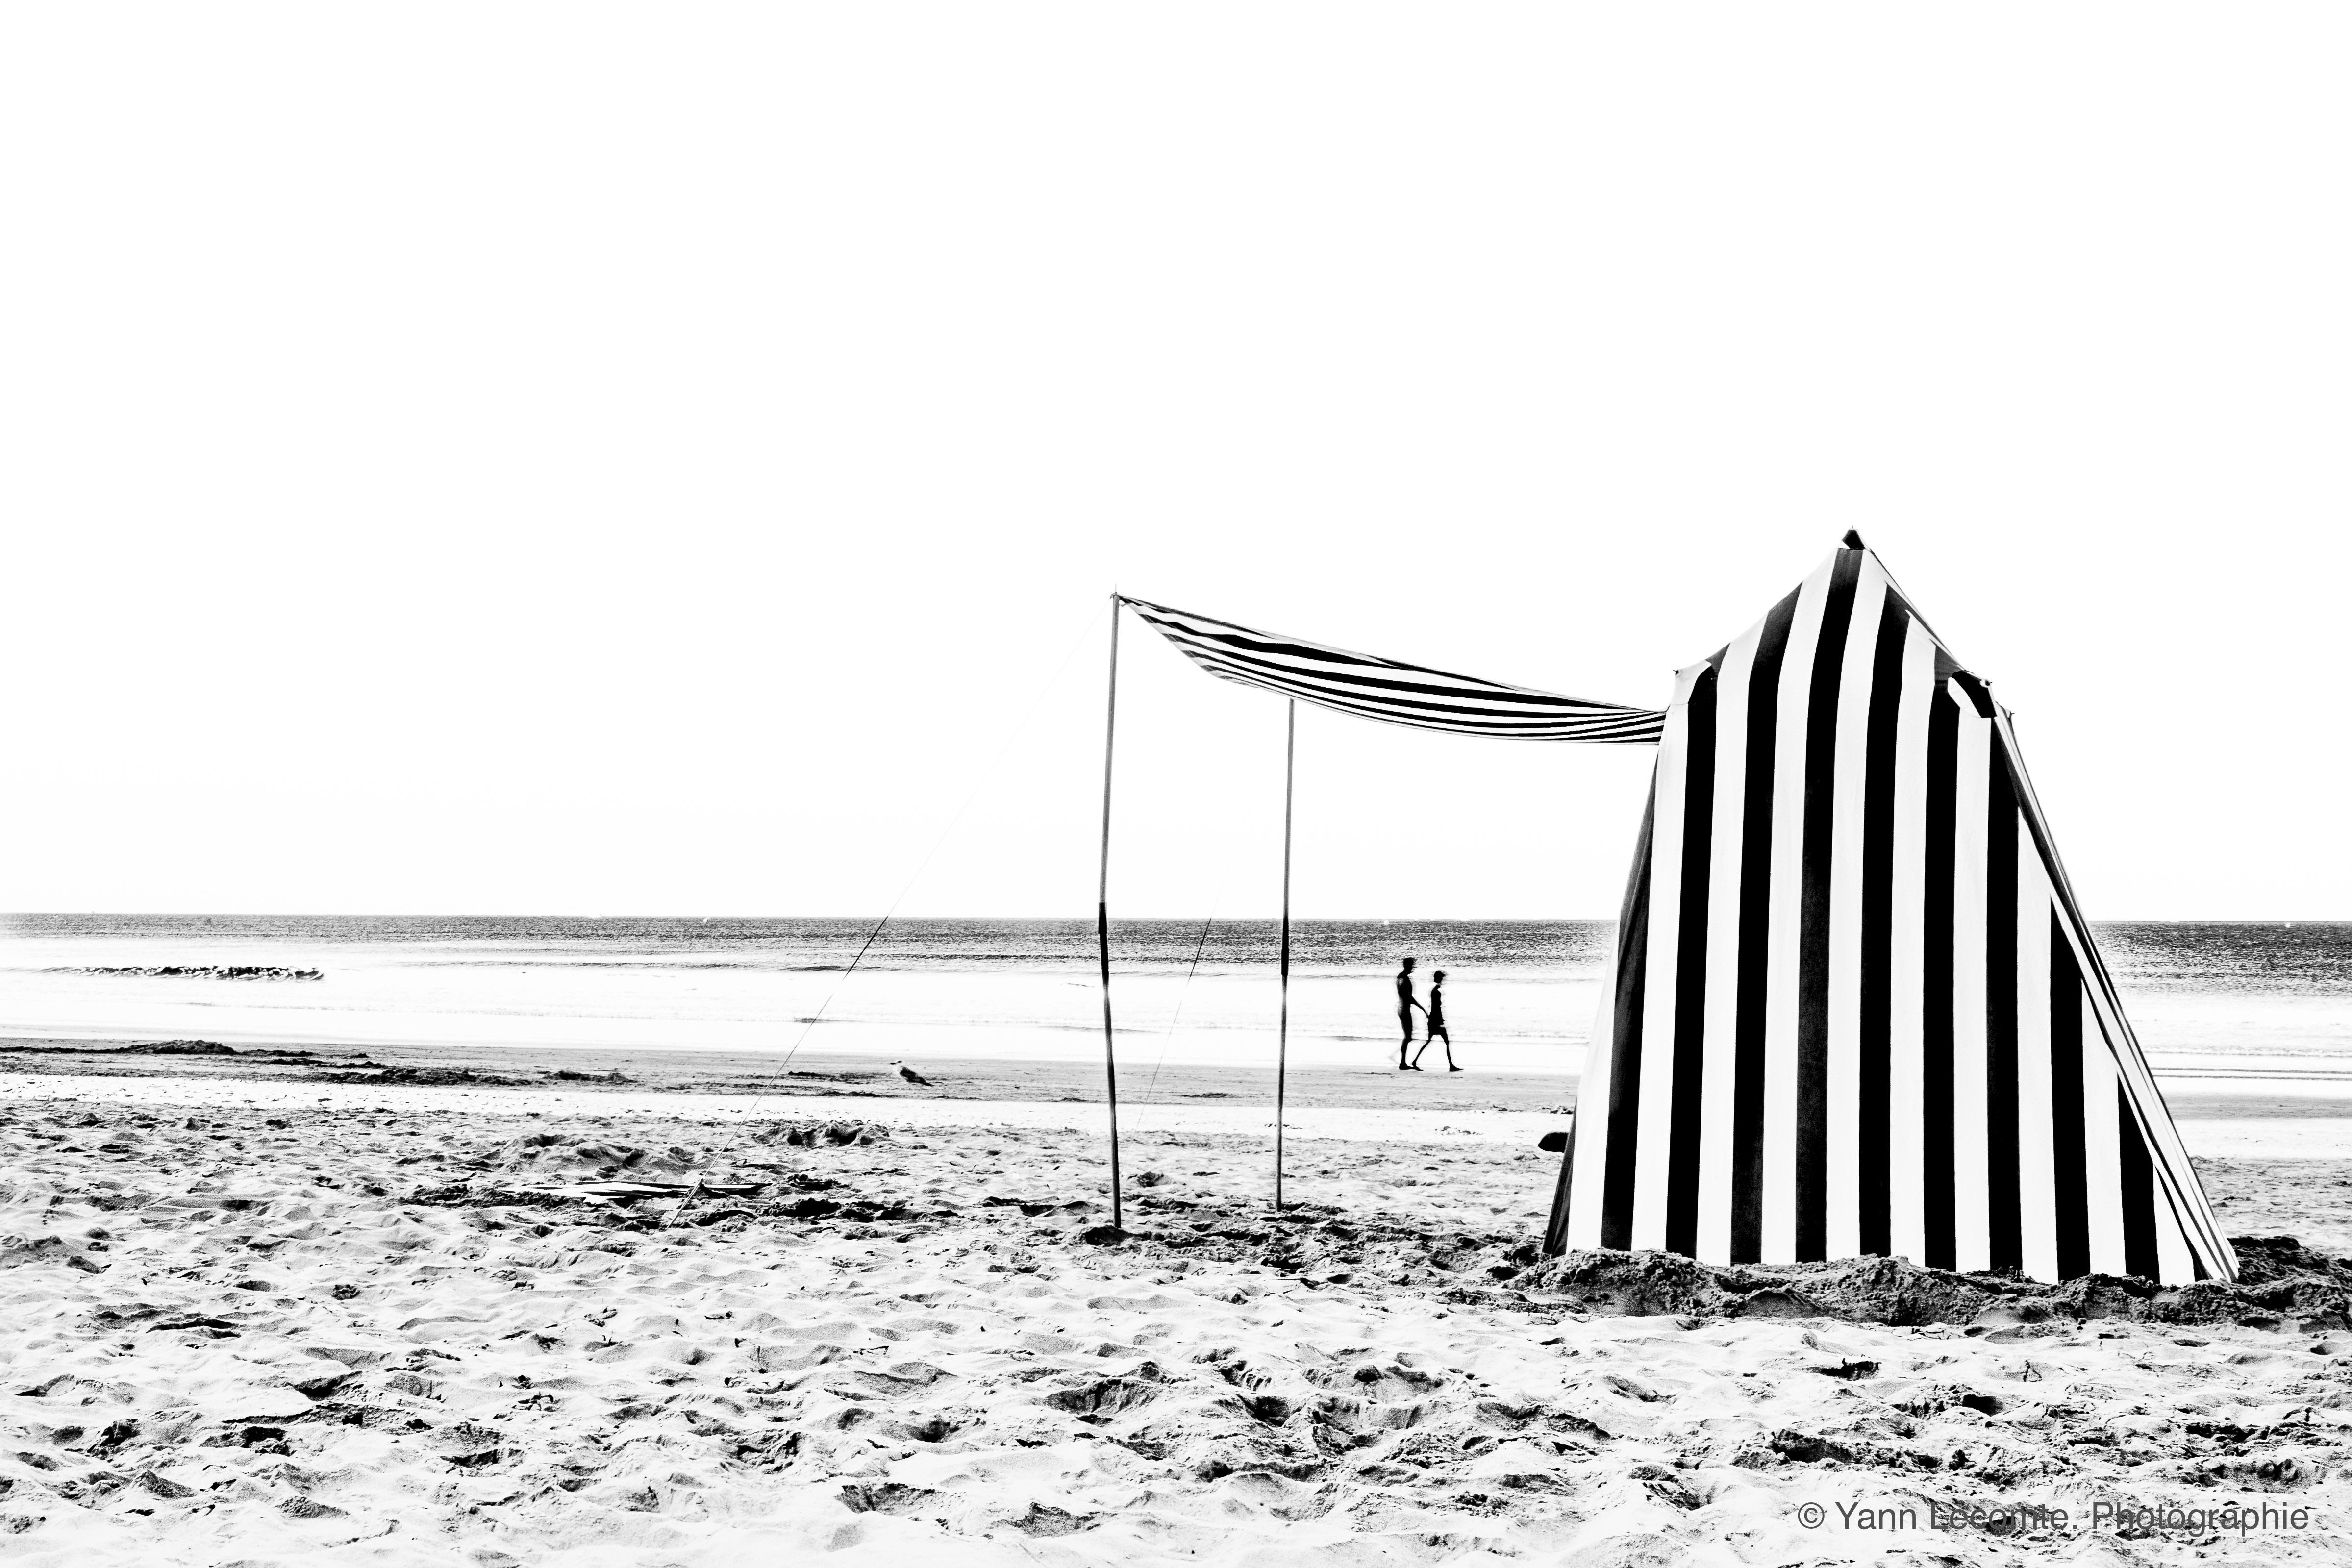 La tente estivale - Photographie Yann Lecomte- Sablographie